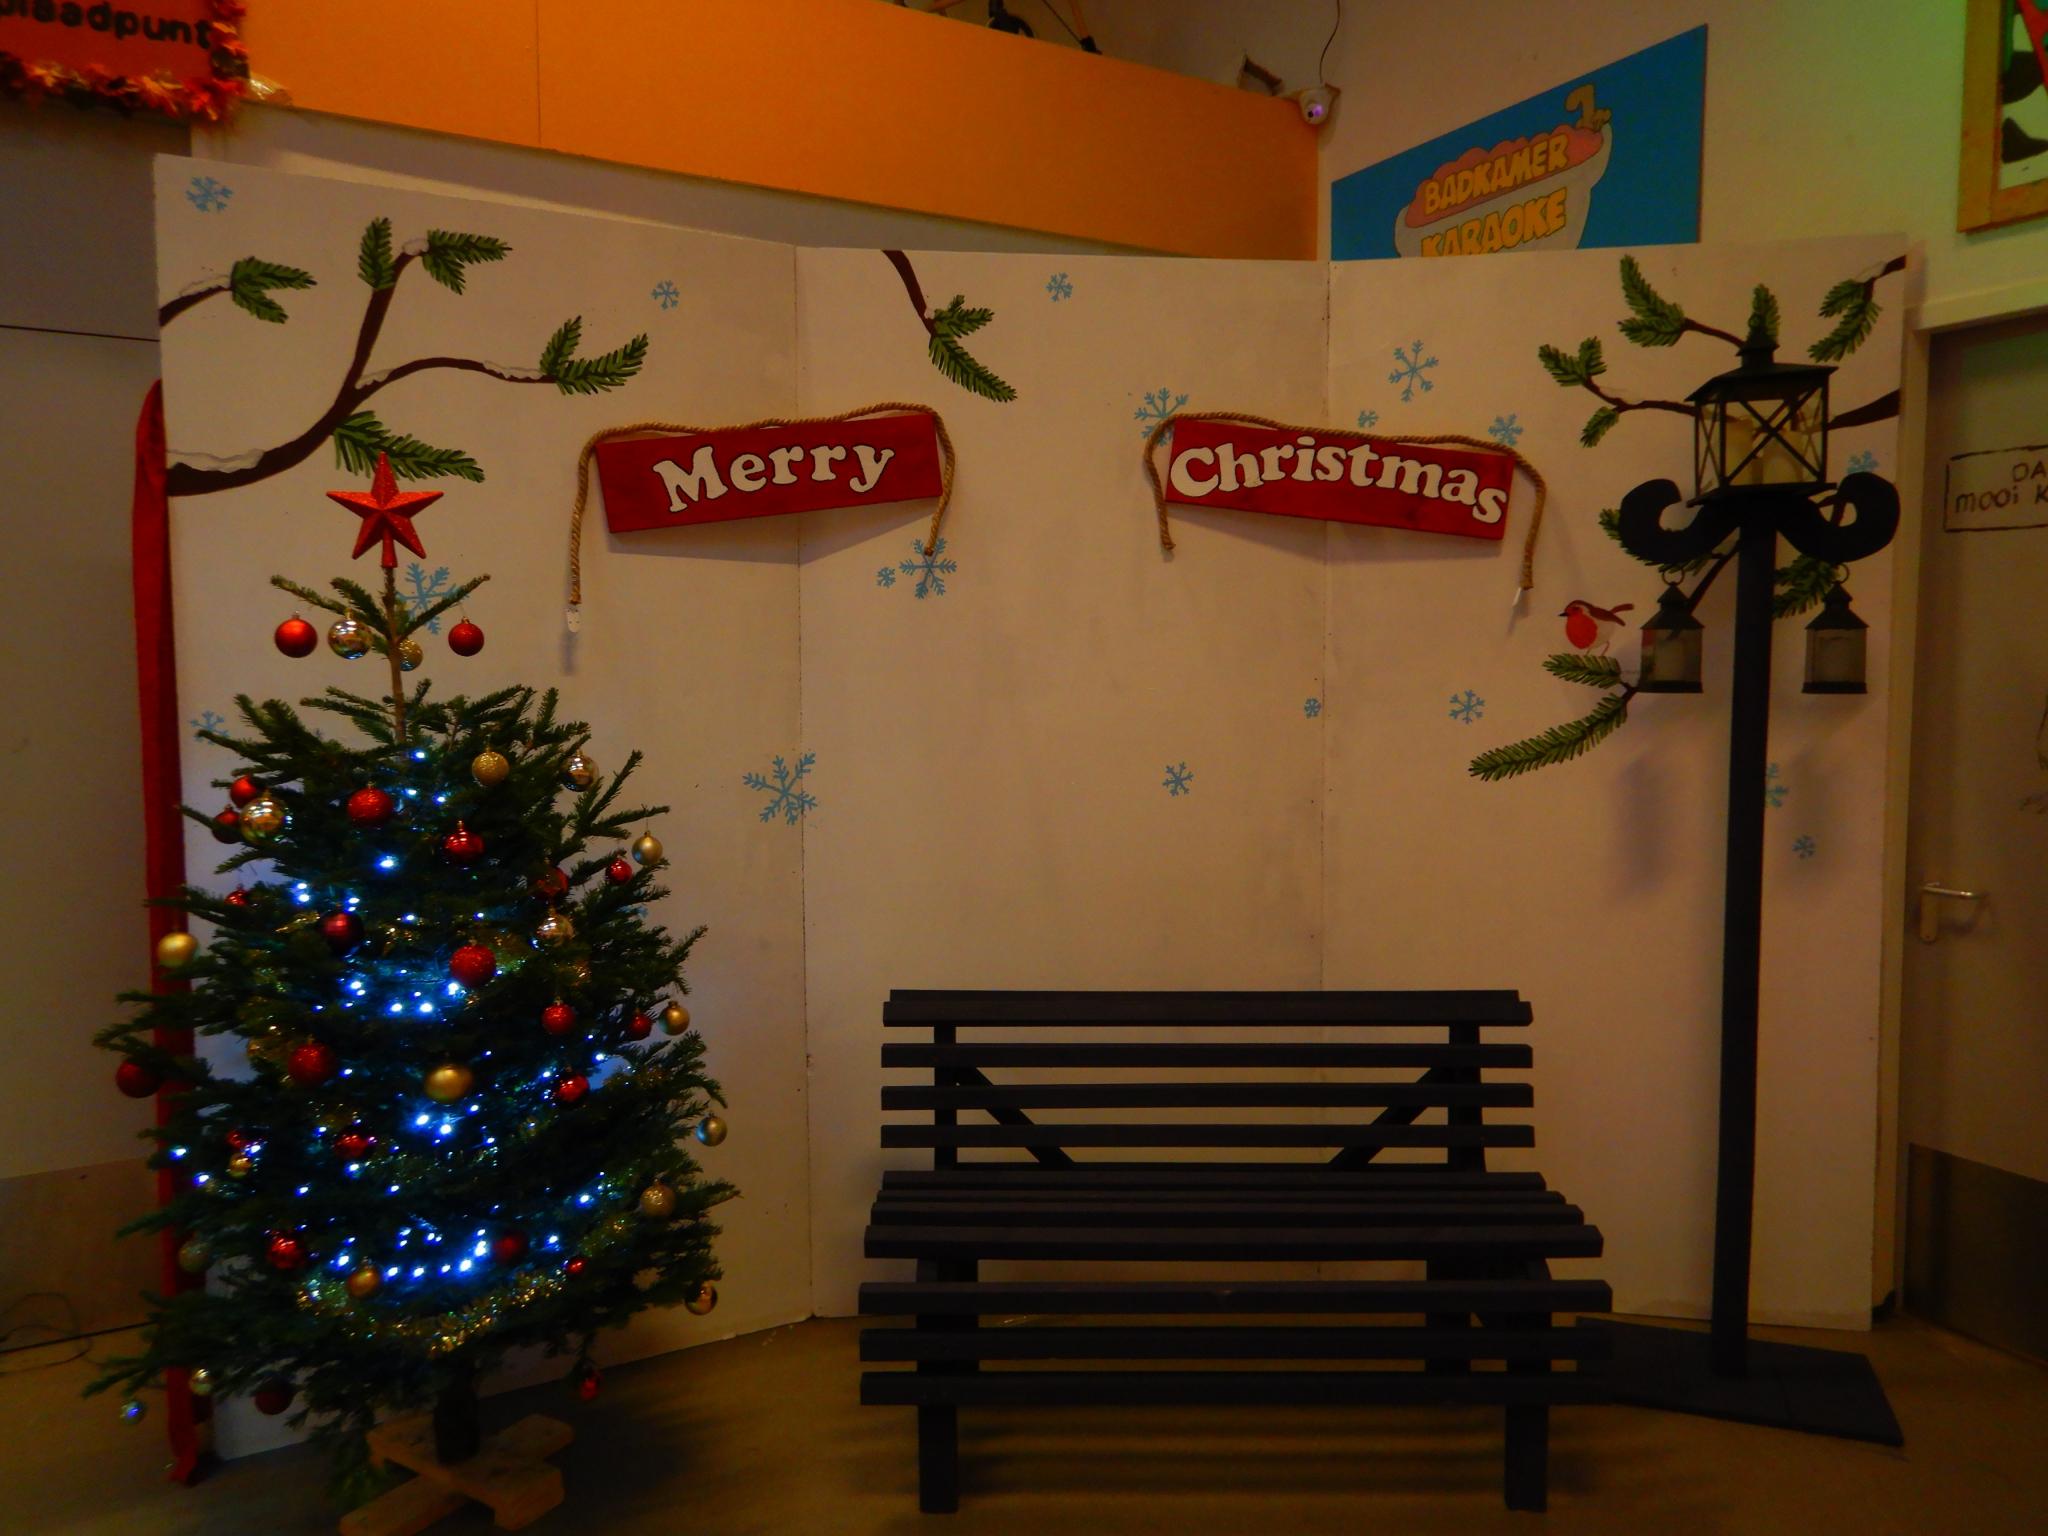 Kerstfeest_001